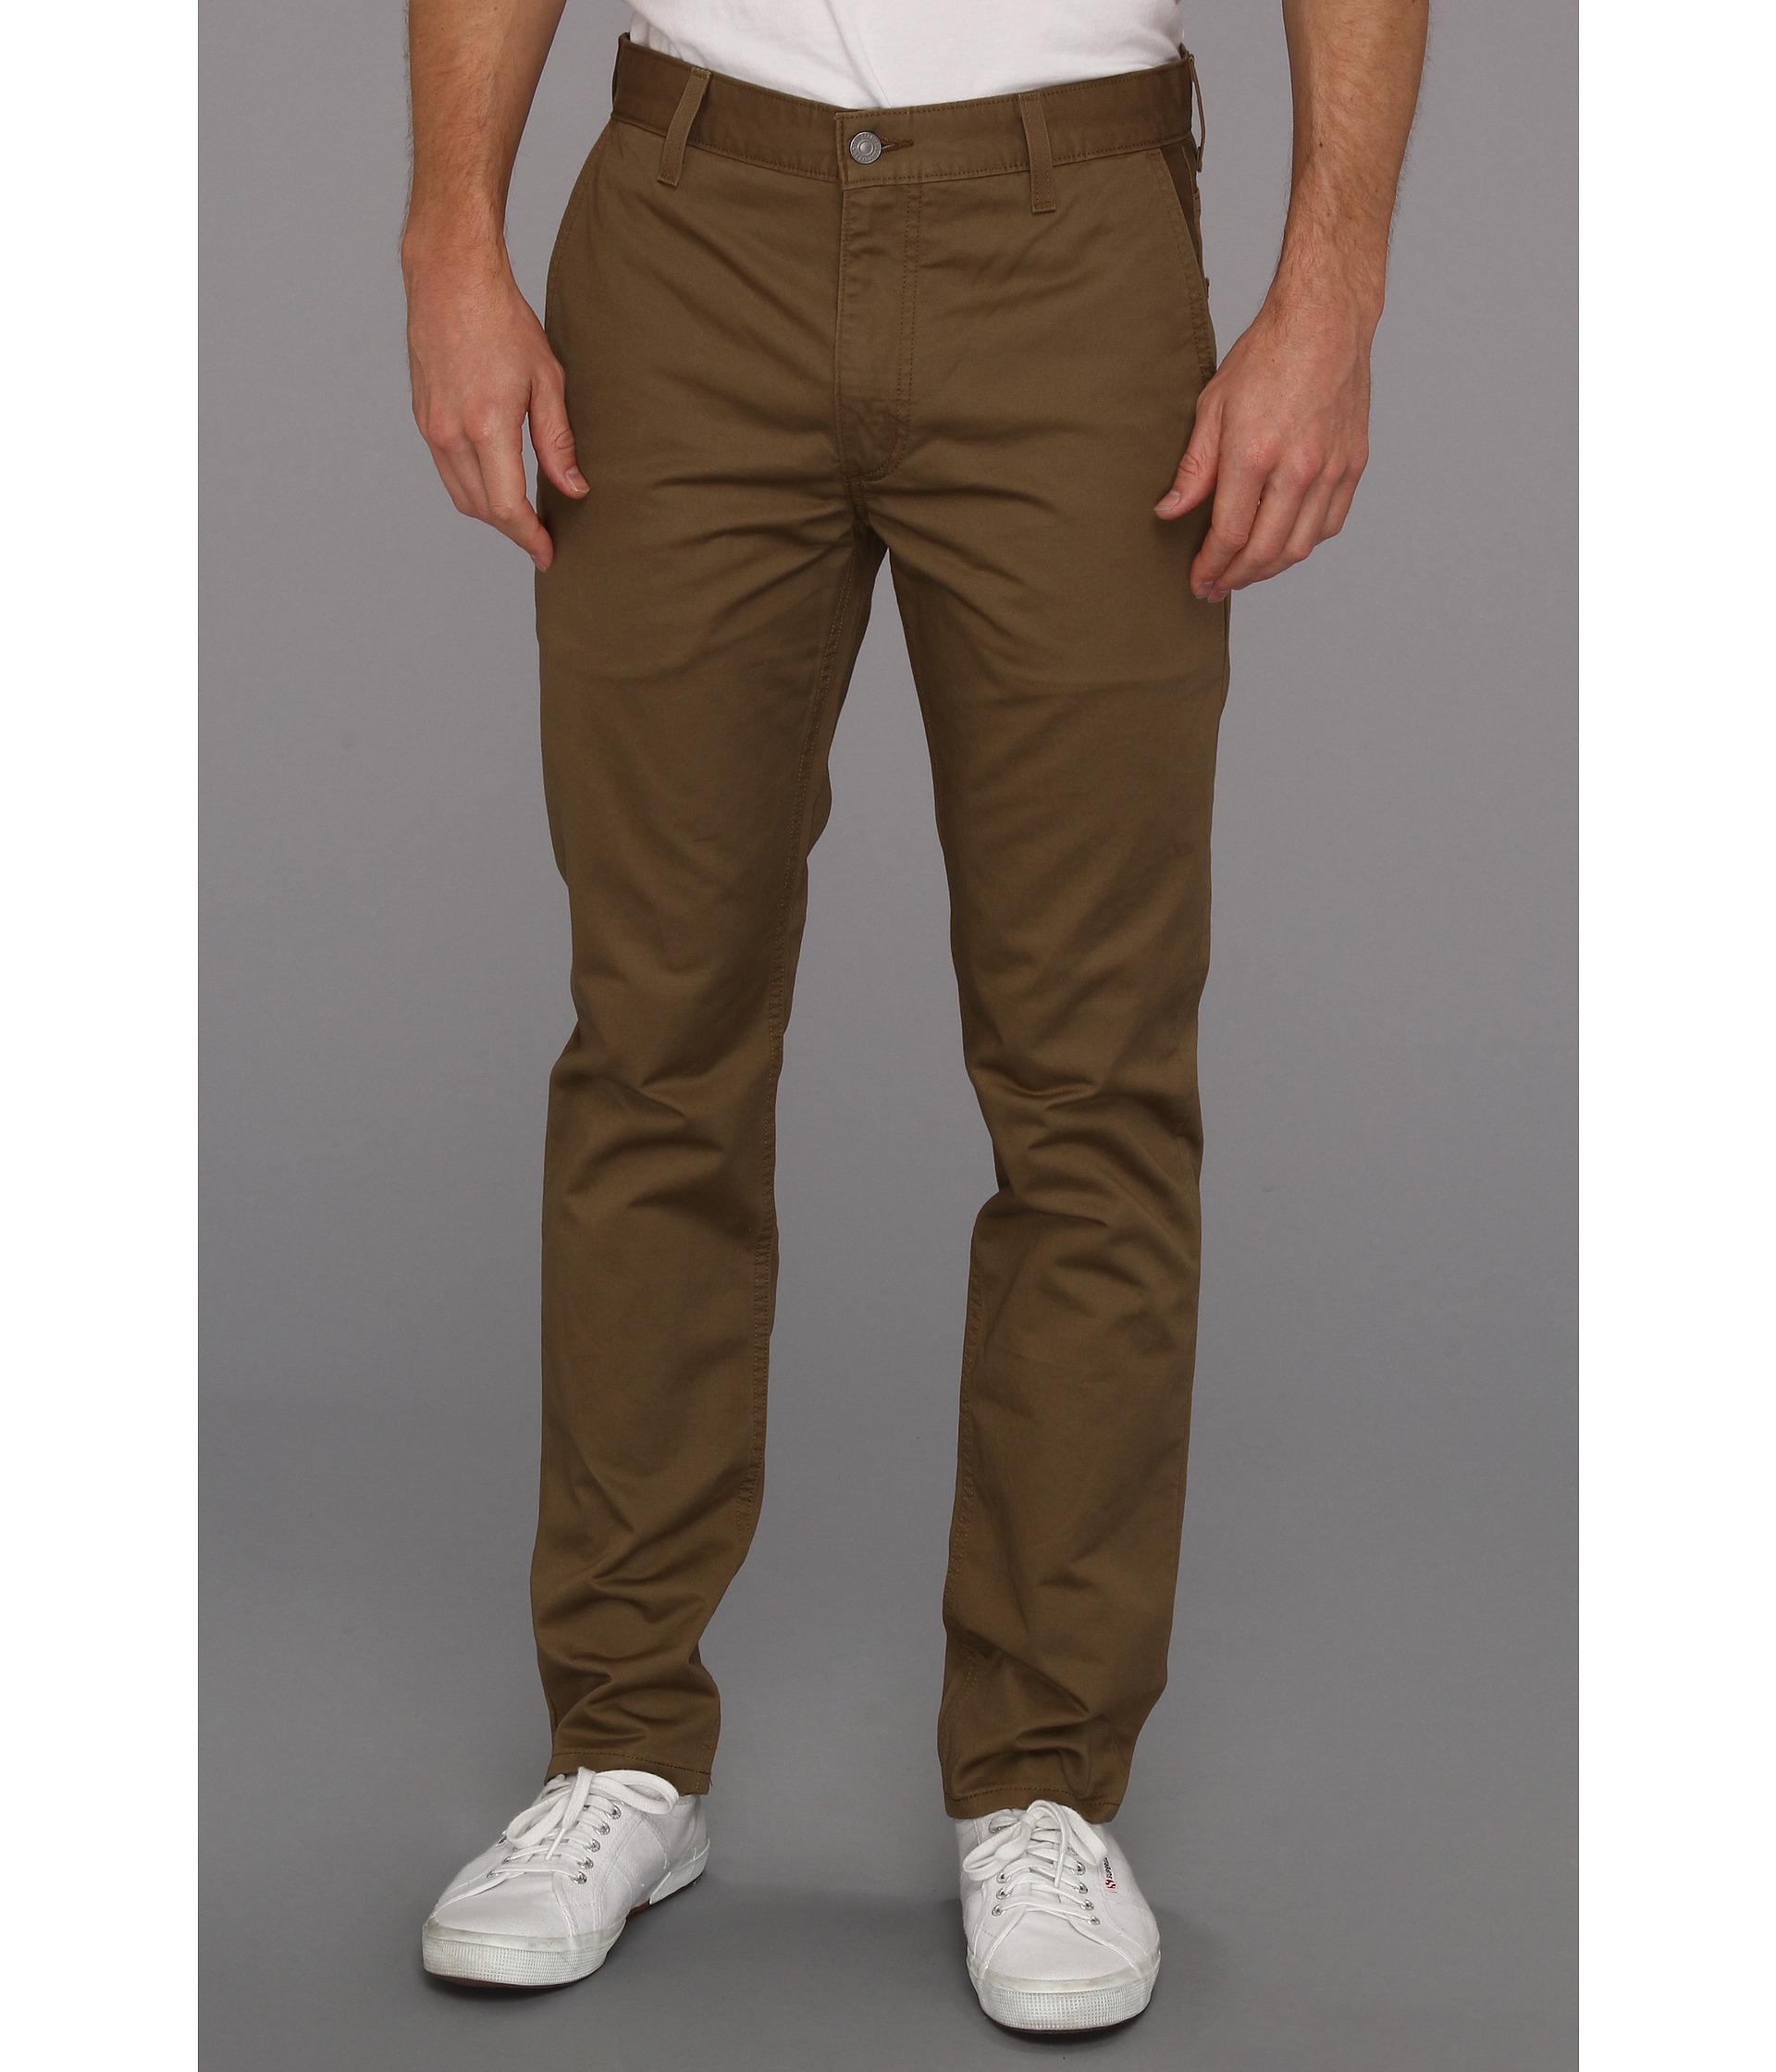 levi 39 s brown 511 slim skinny fit hybrid trouser for men lyst. Black Bedroom Furniture Sets. Home Design Ideas